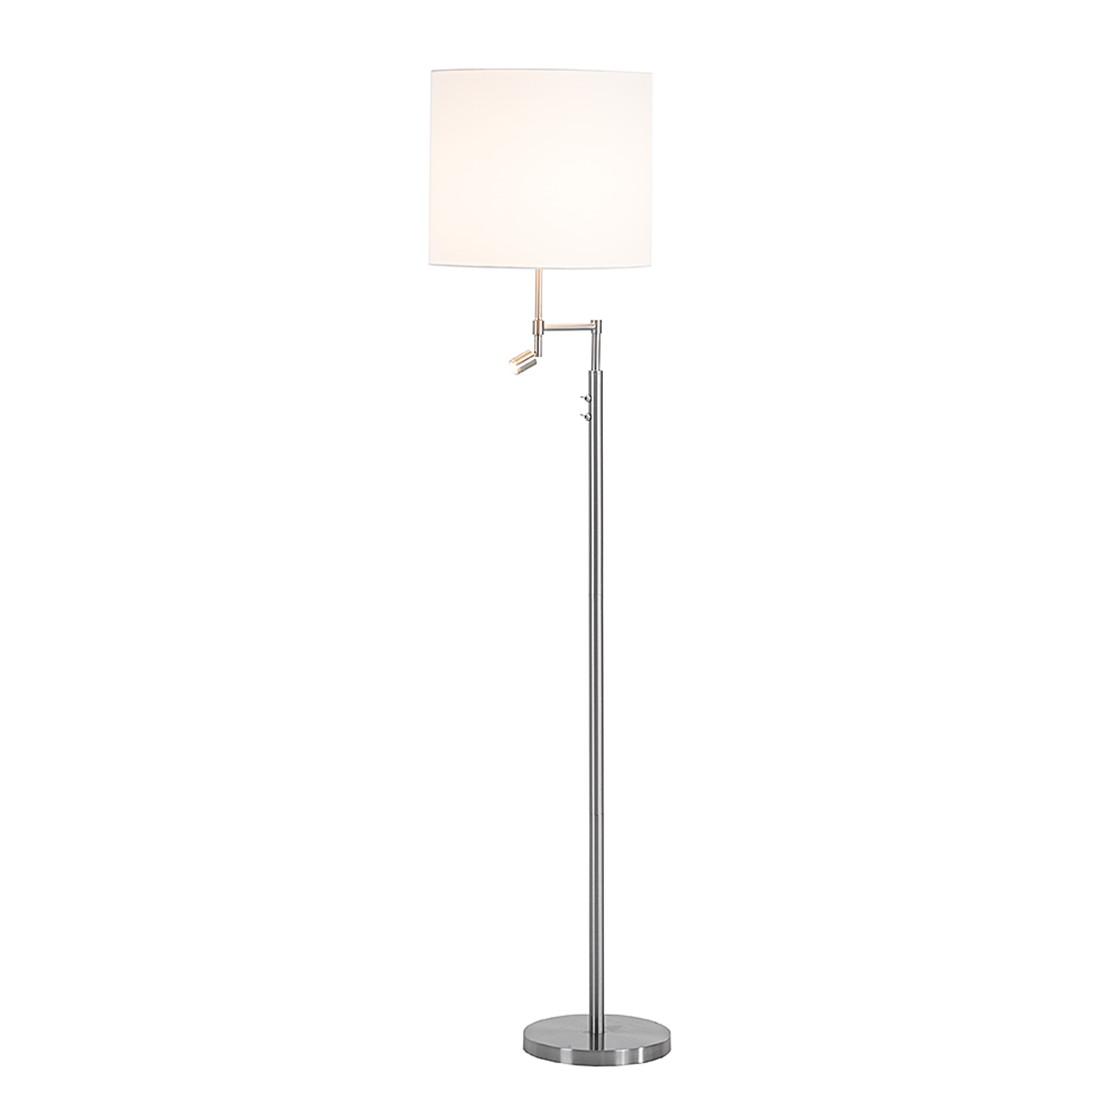 EEK A++, Lampadaire Svea - 1 ampoule, Honsel